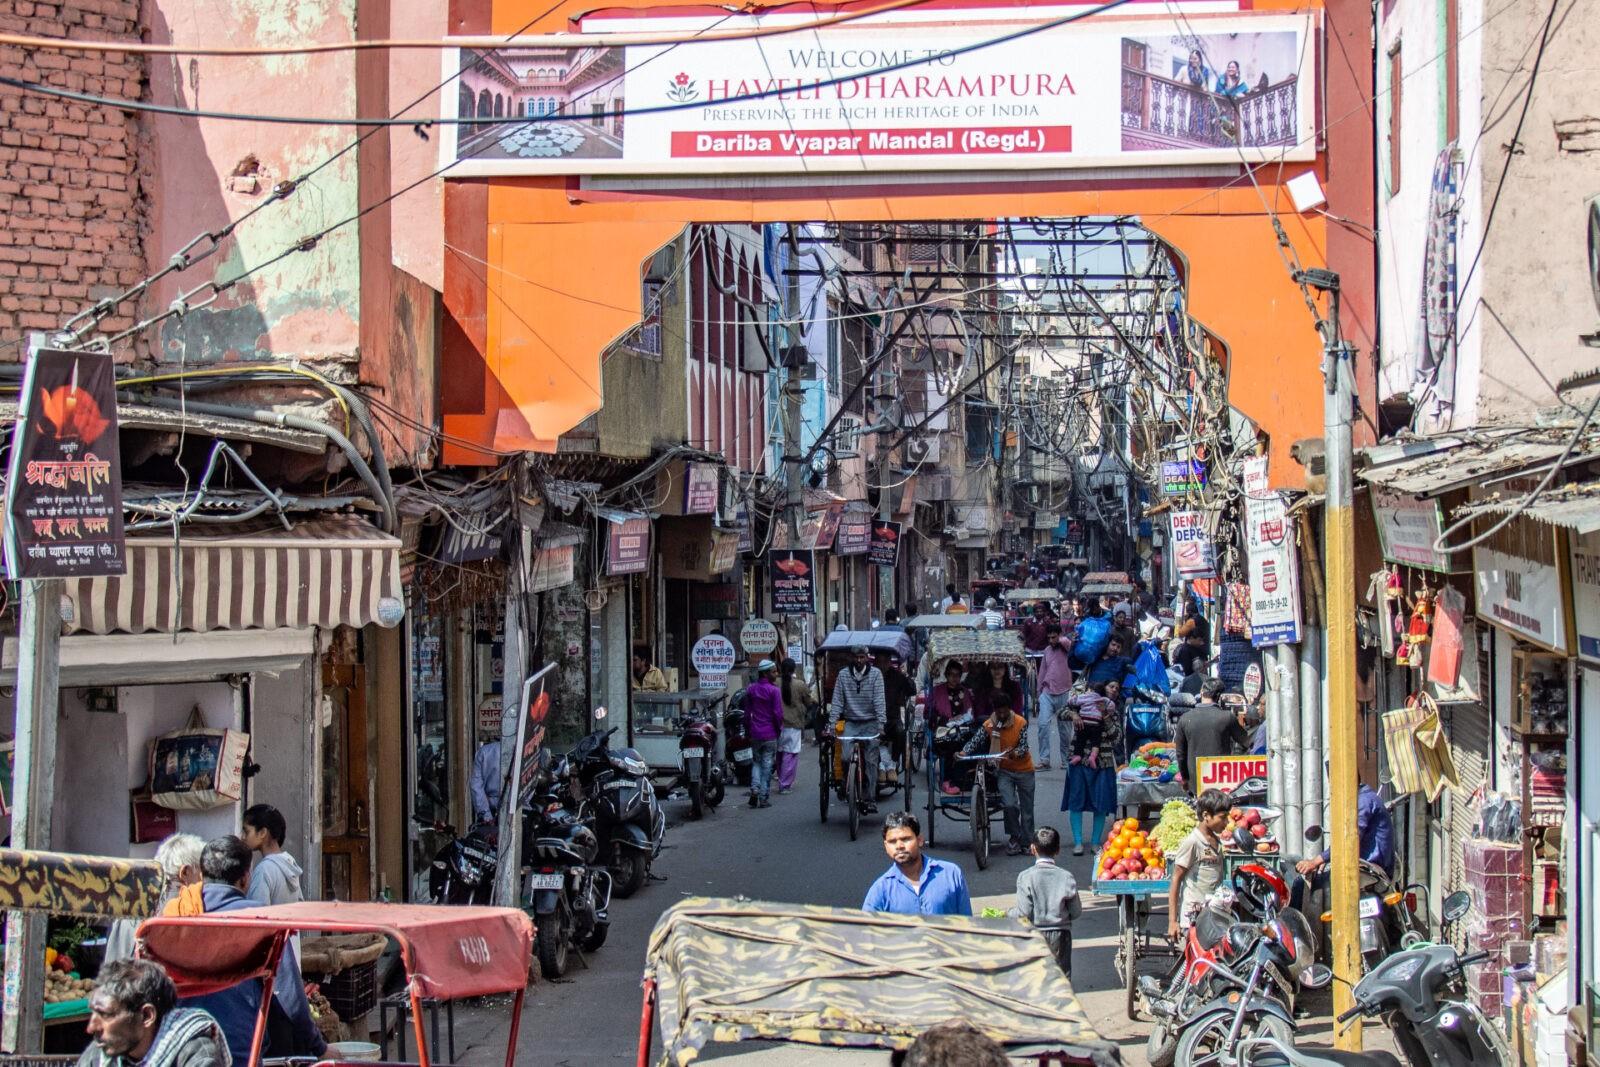 Fotograficzna wyprawa do Indii: miasto, prowincja, transport